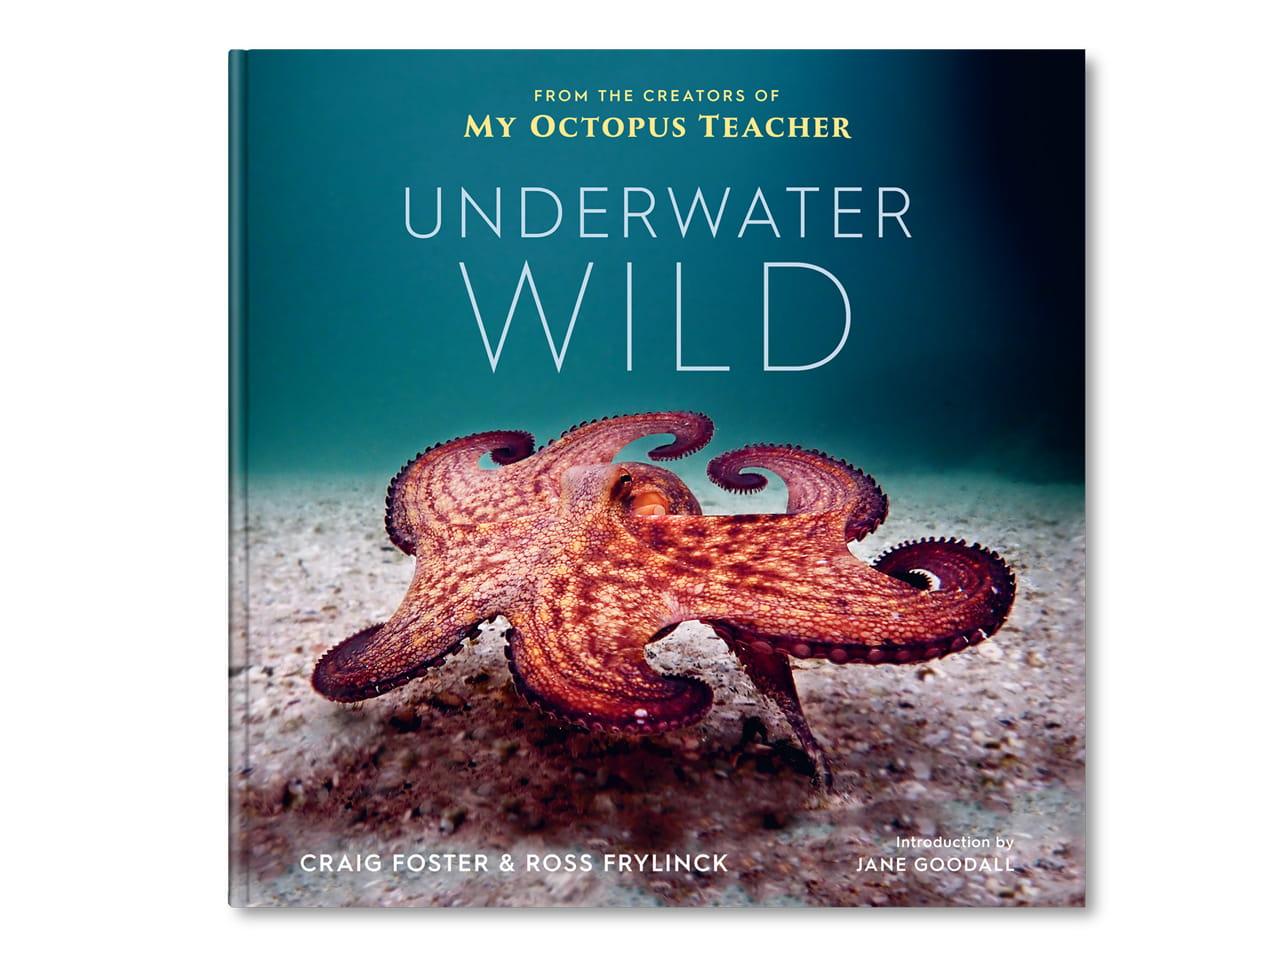 underwaterwild-book-cover-desktop